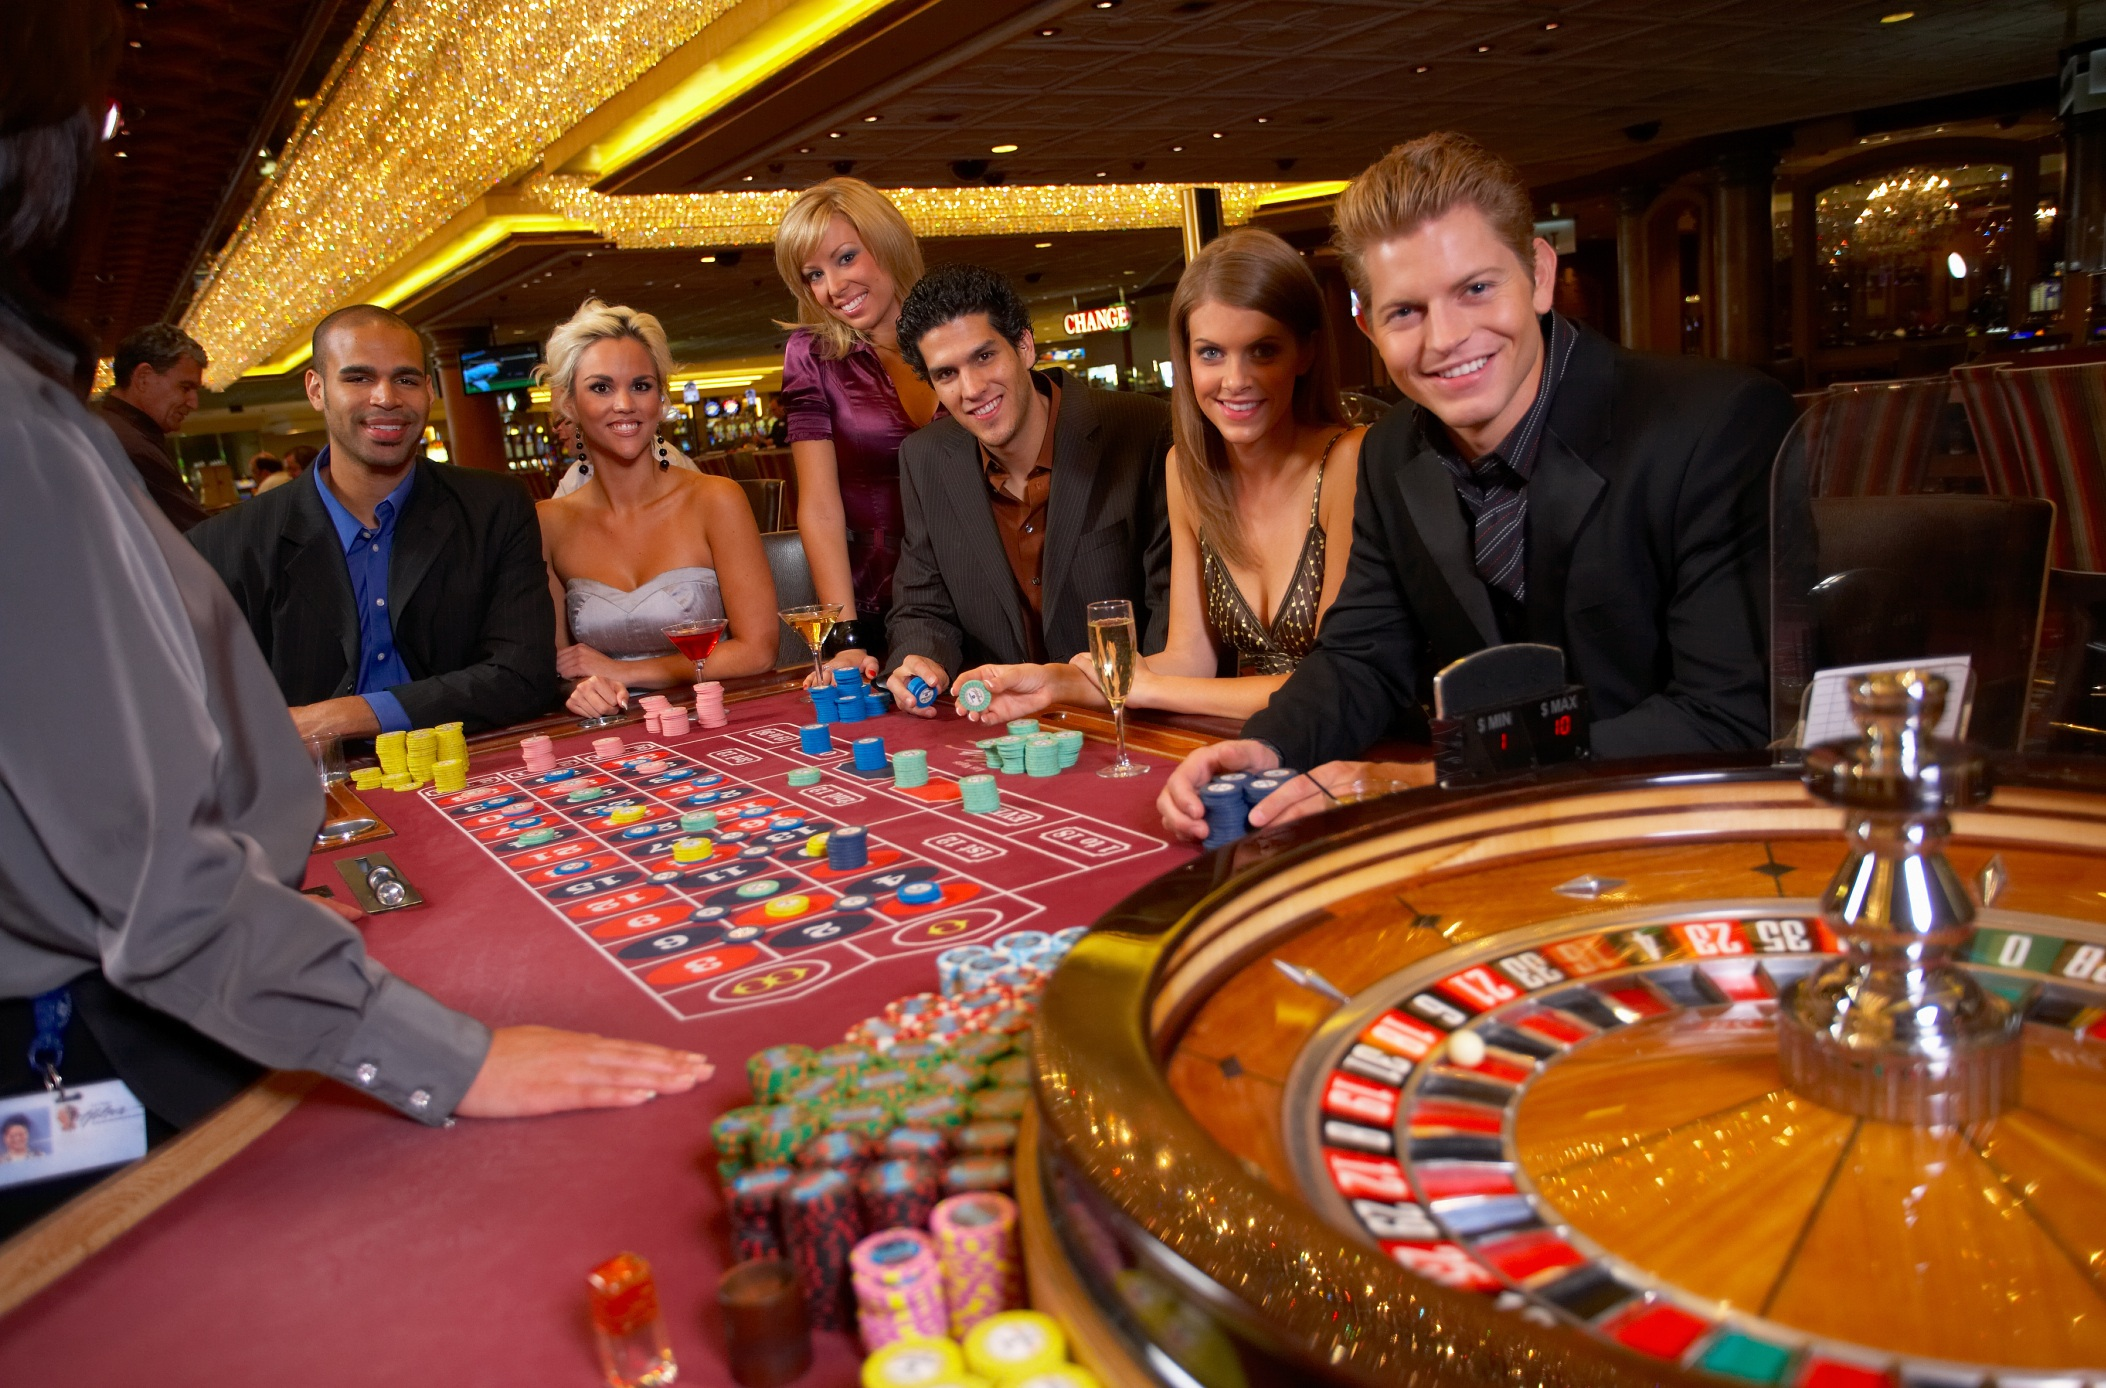 Roulette là gì? Bạn biết gì về trò chơi có tên Roulette?